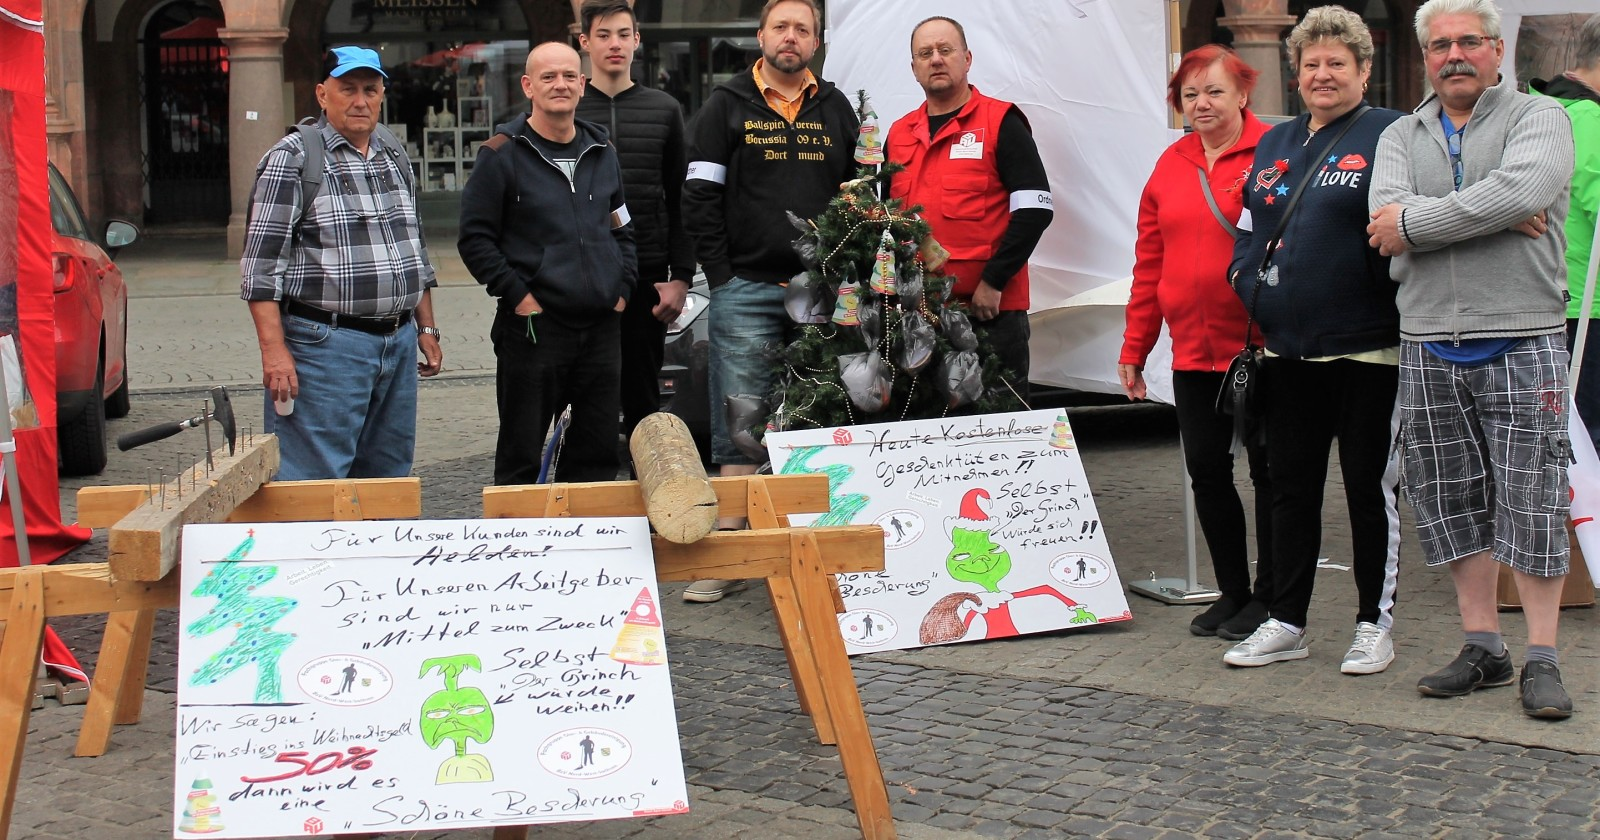 Fachgruppe Gebäudereinigung Nord-West-Sachsen informierte am 1. Mai über Forderung nach Weihnachtsgeld